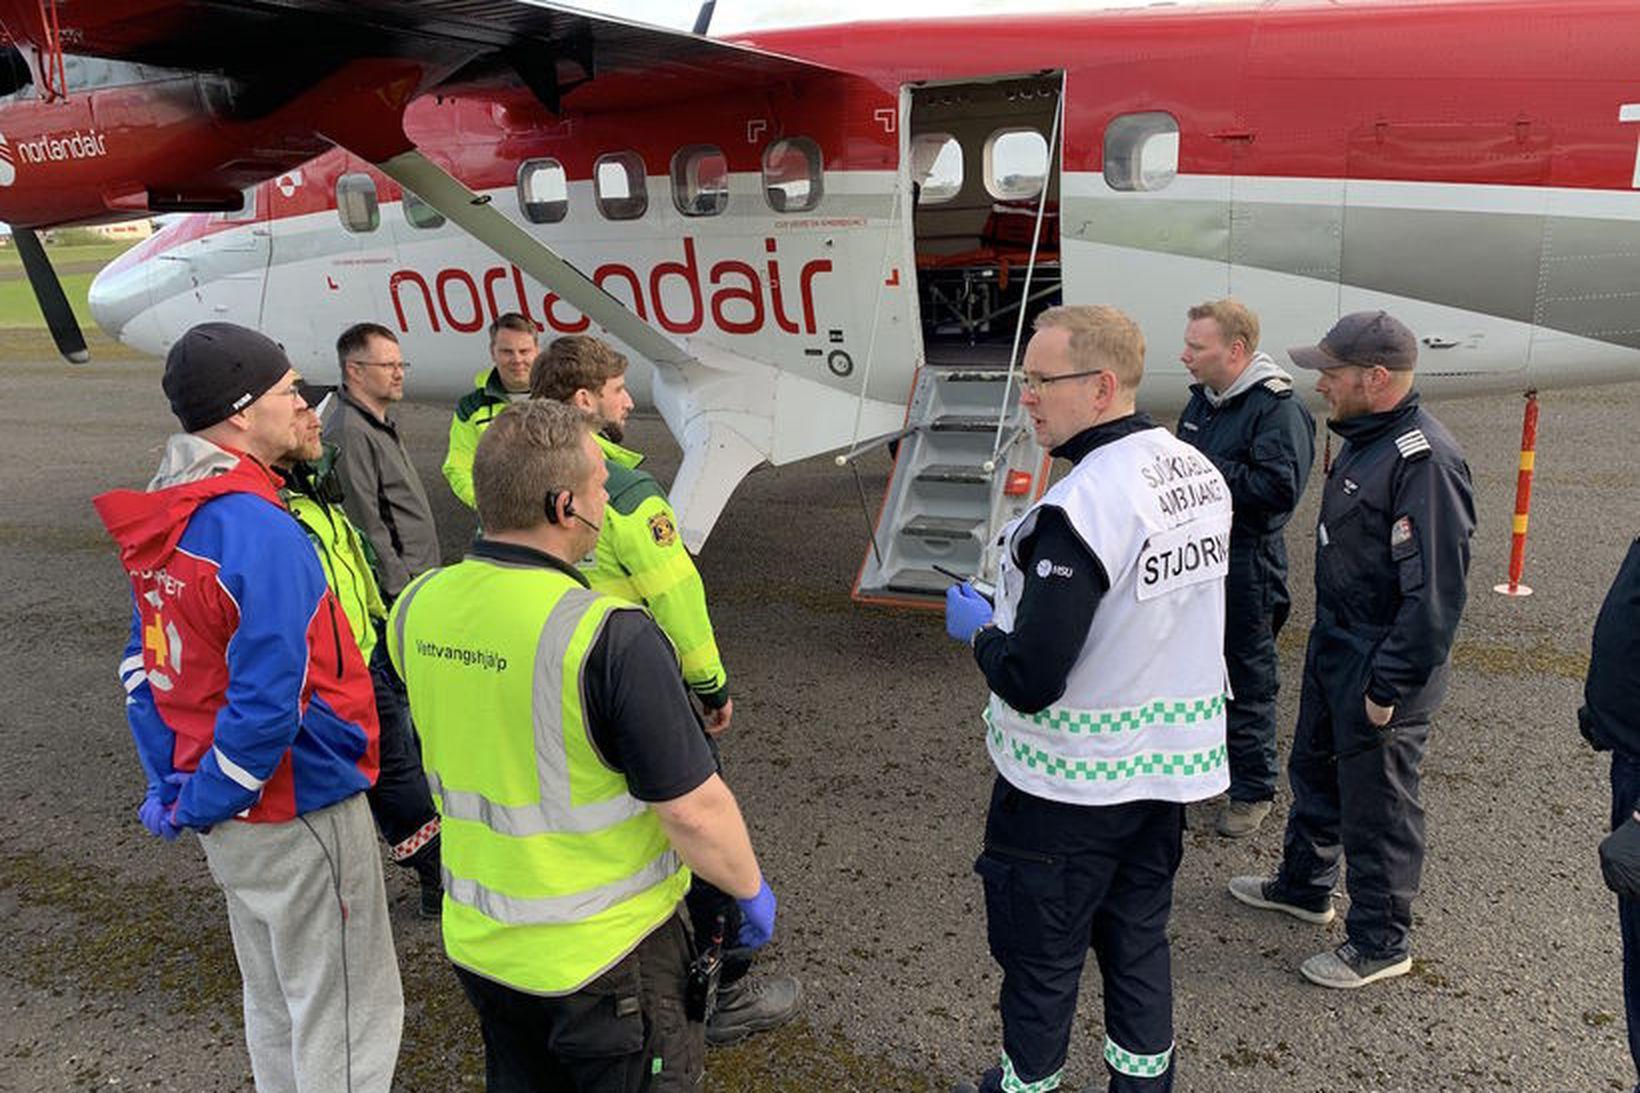 Viðbragðsaðilar við flugvél Norlandair á Selfossflugvelli þar sem hluti þeirra …